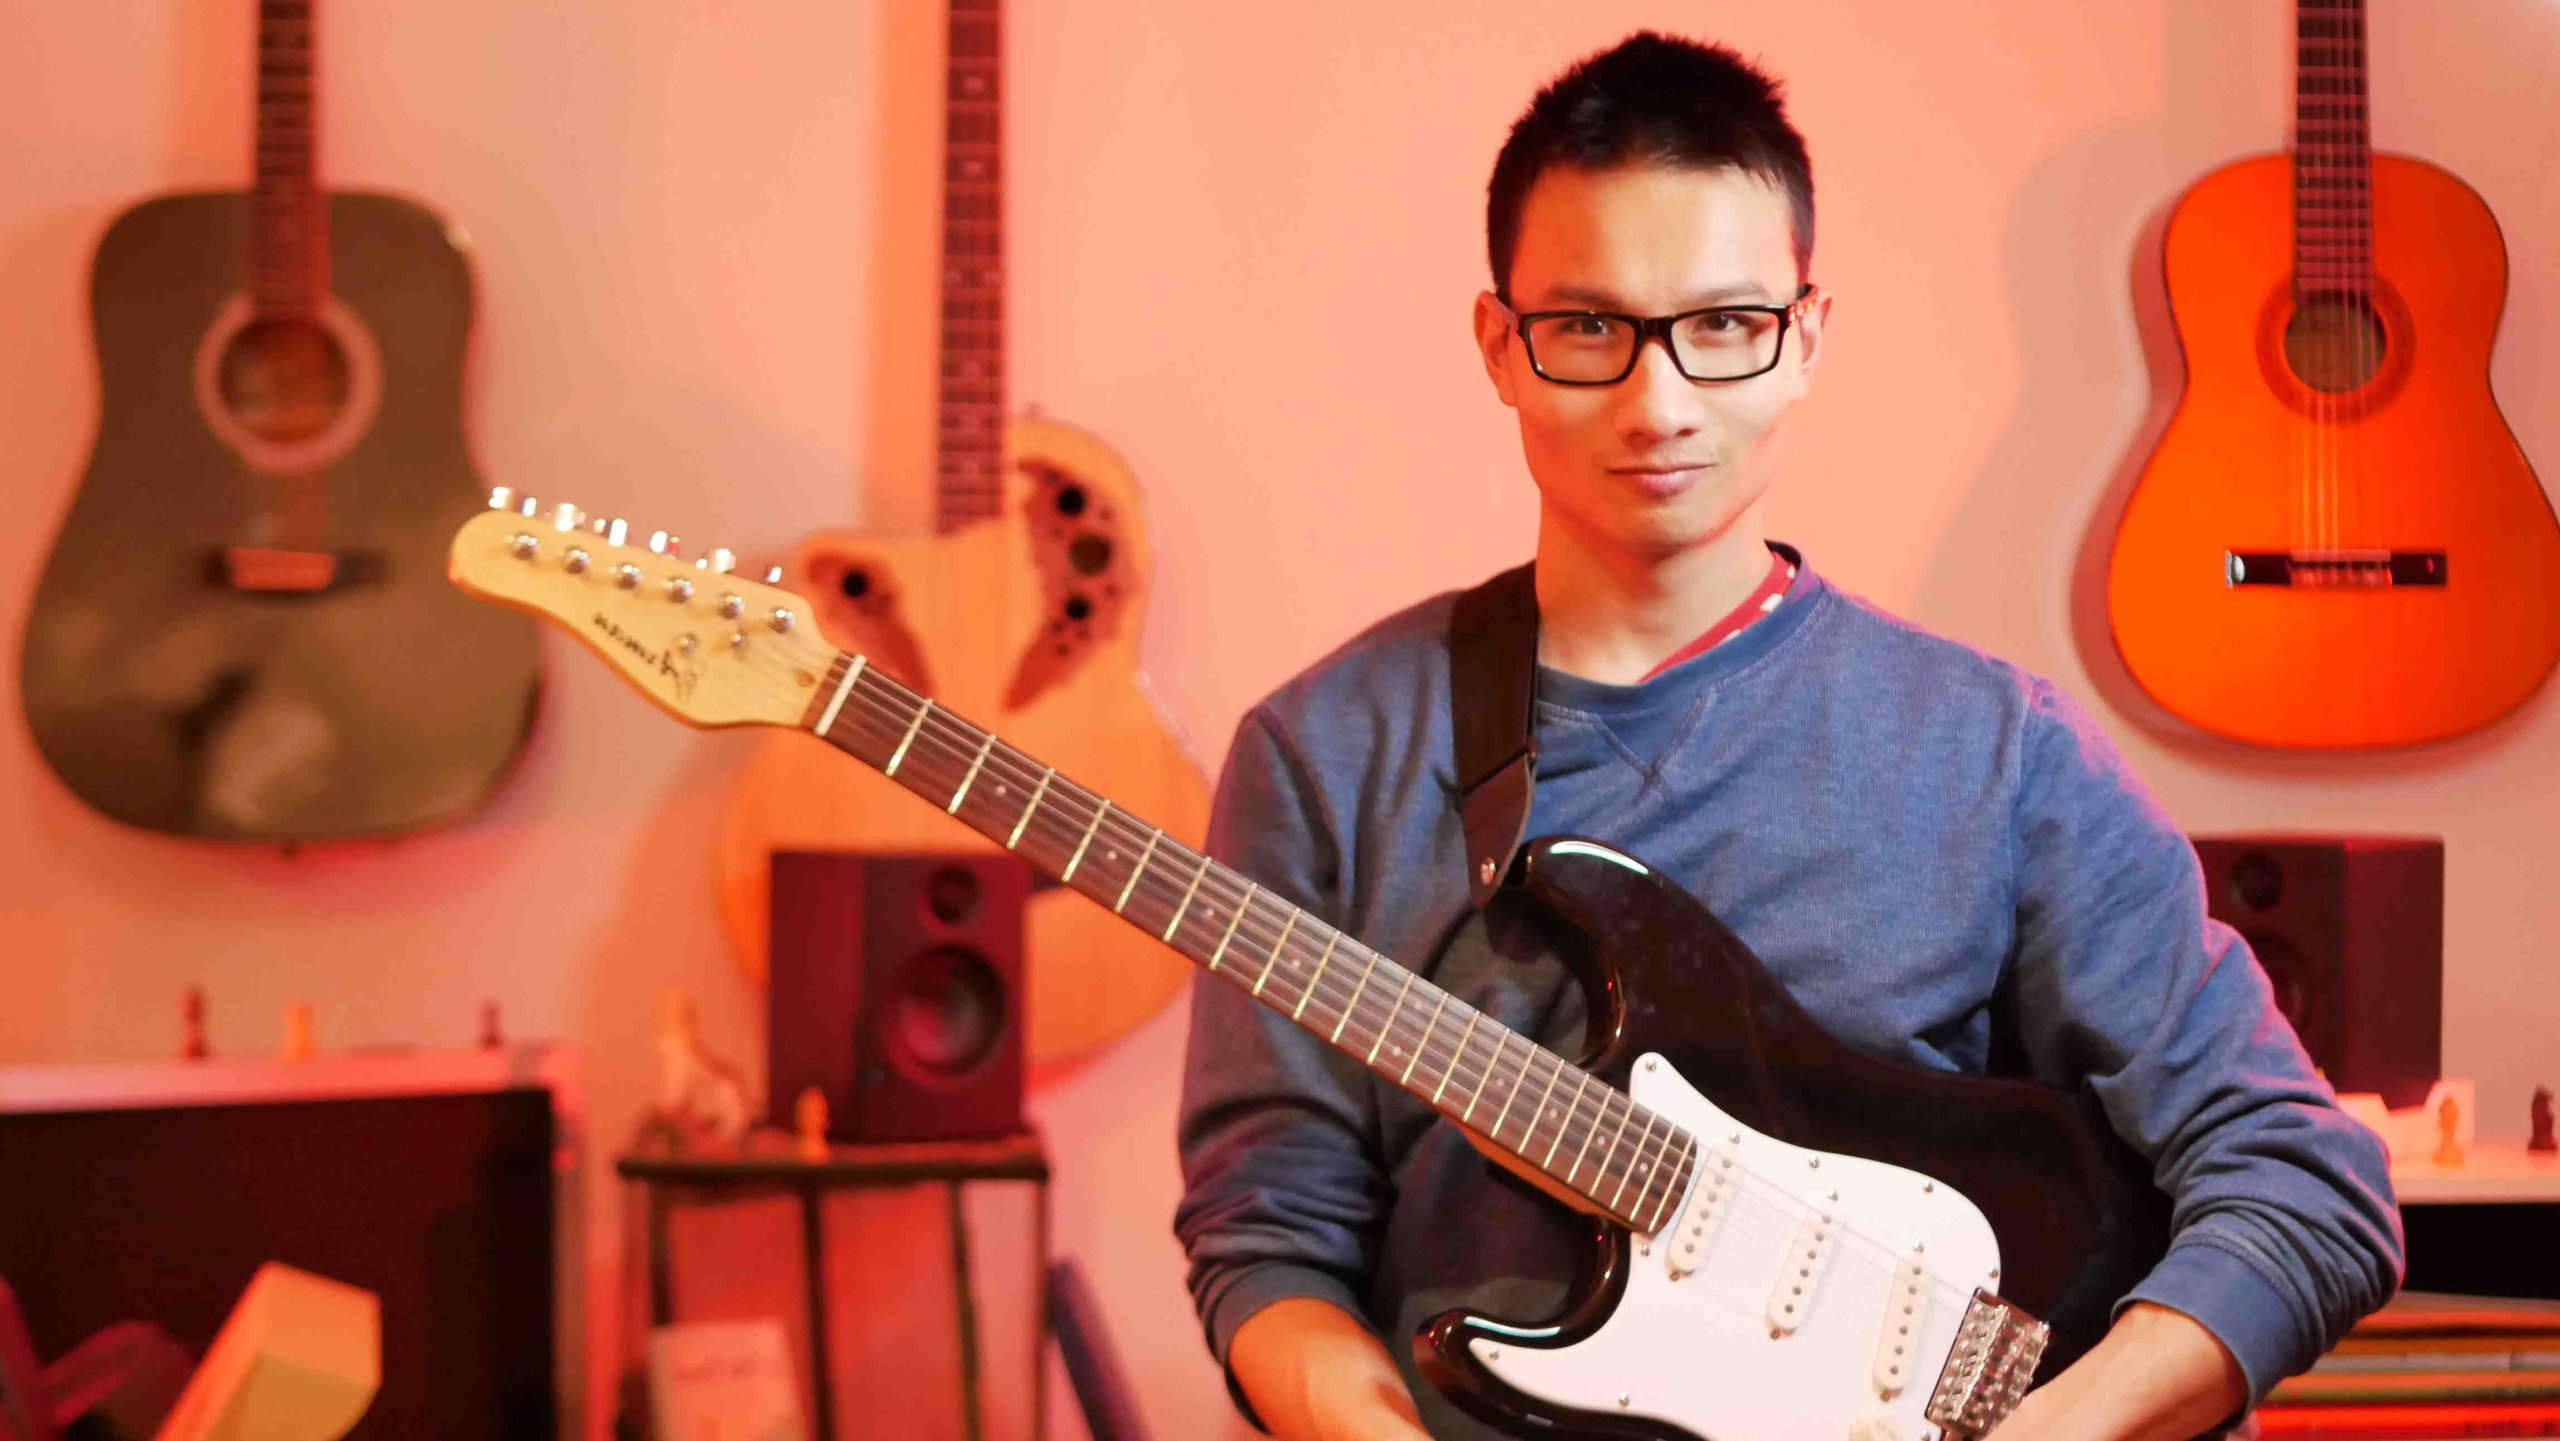 Comment savoir si vous êtes droitier ou gaucher à la guitare?